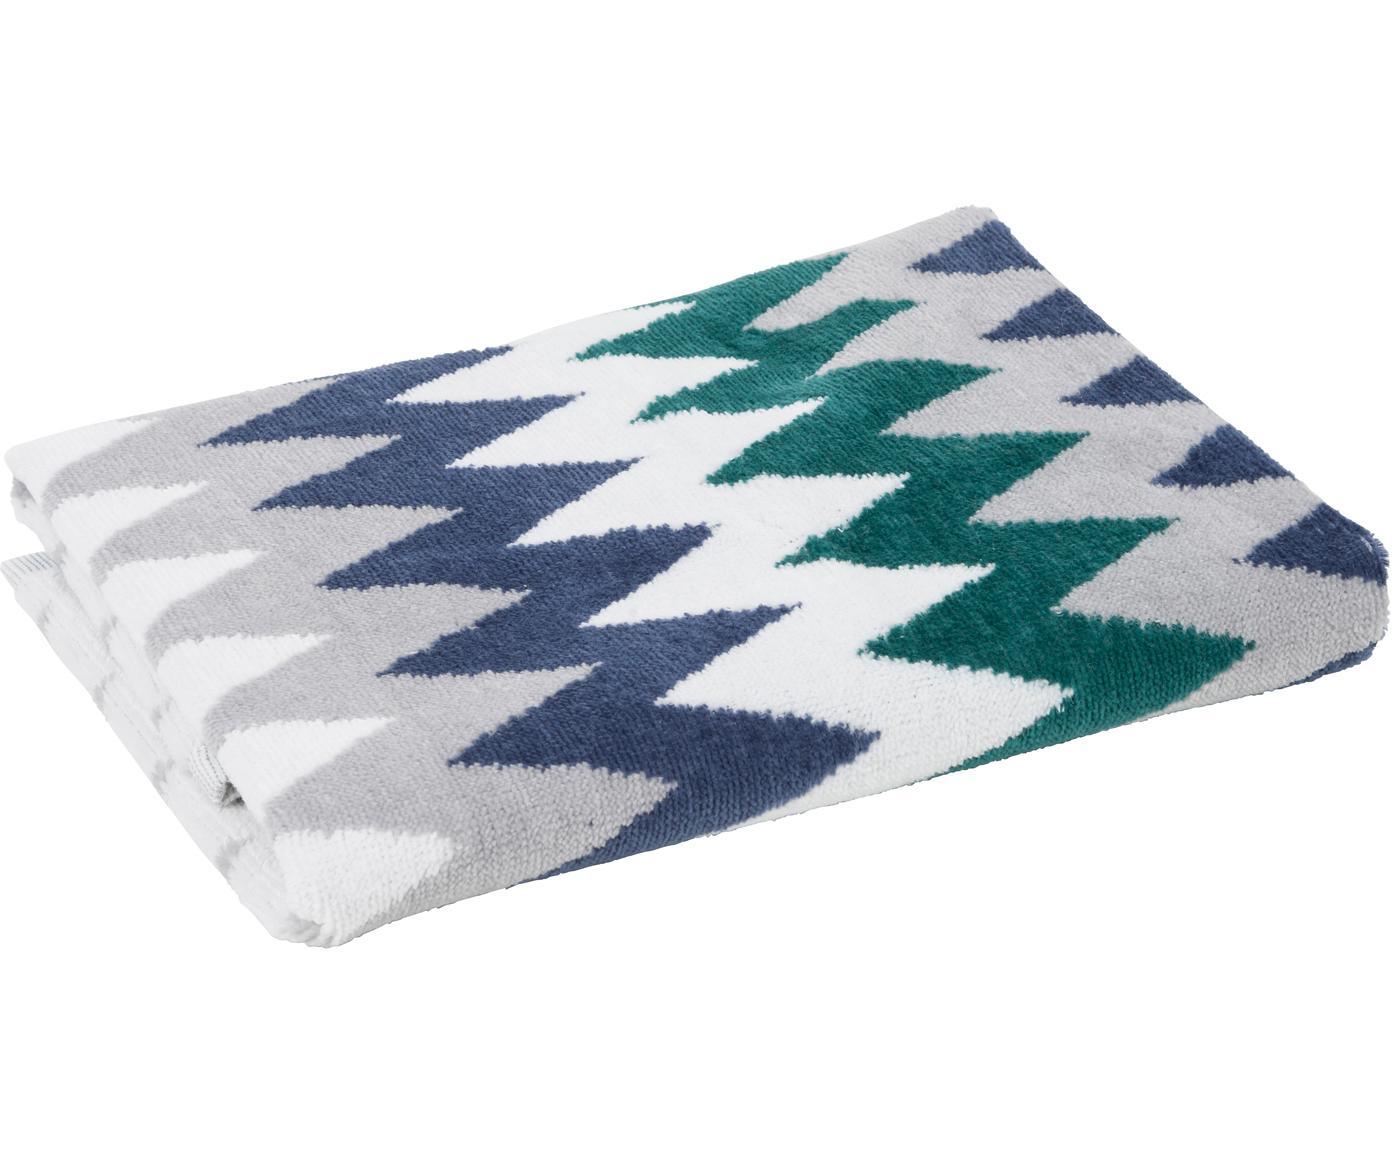 Asciugamano con motivo a zigzag Hanneke, Cotone, Blu, grigio, bianco, verde, Asciugamano per ospiti